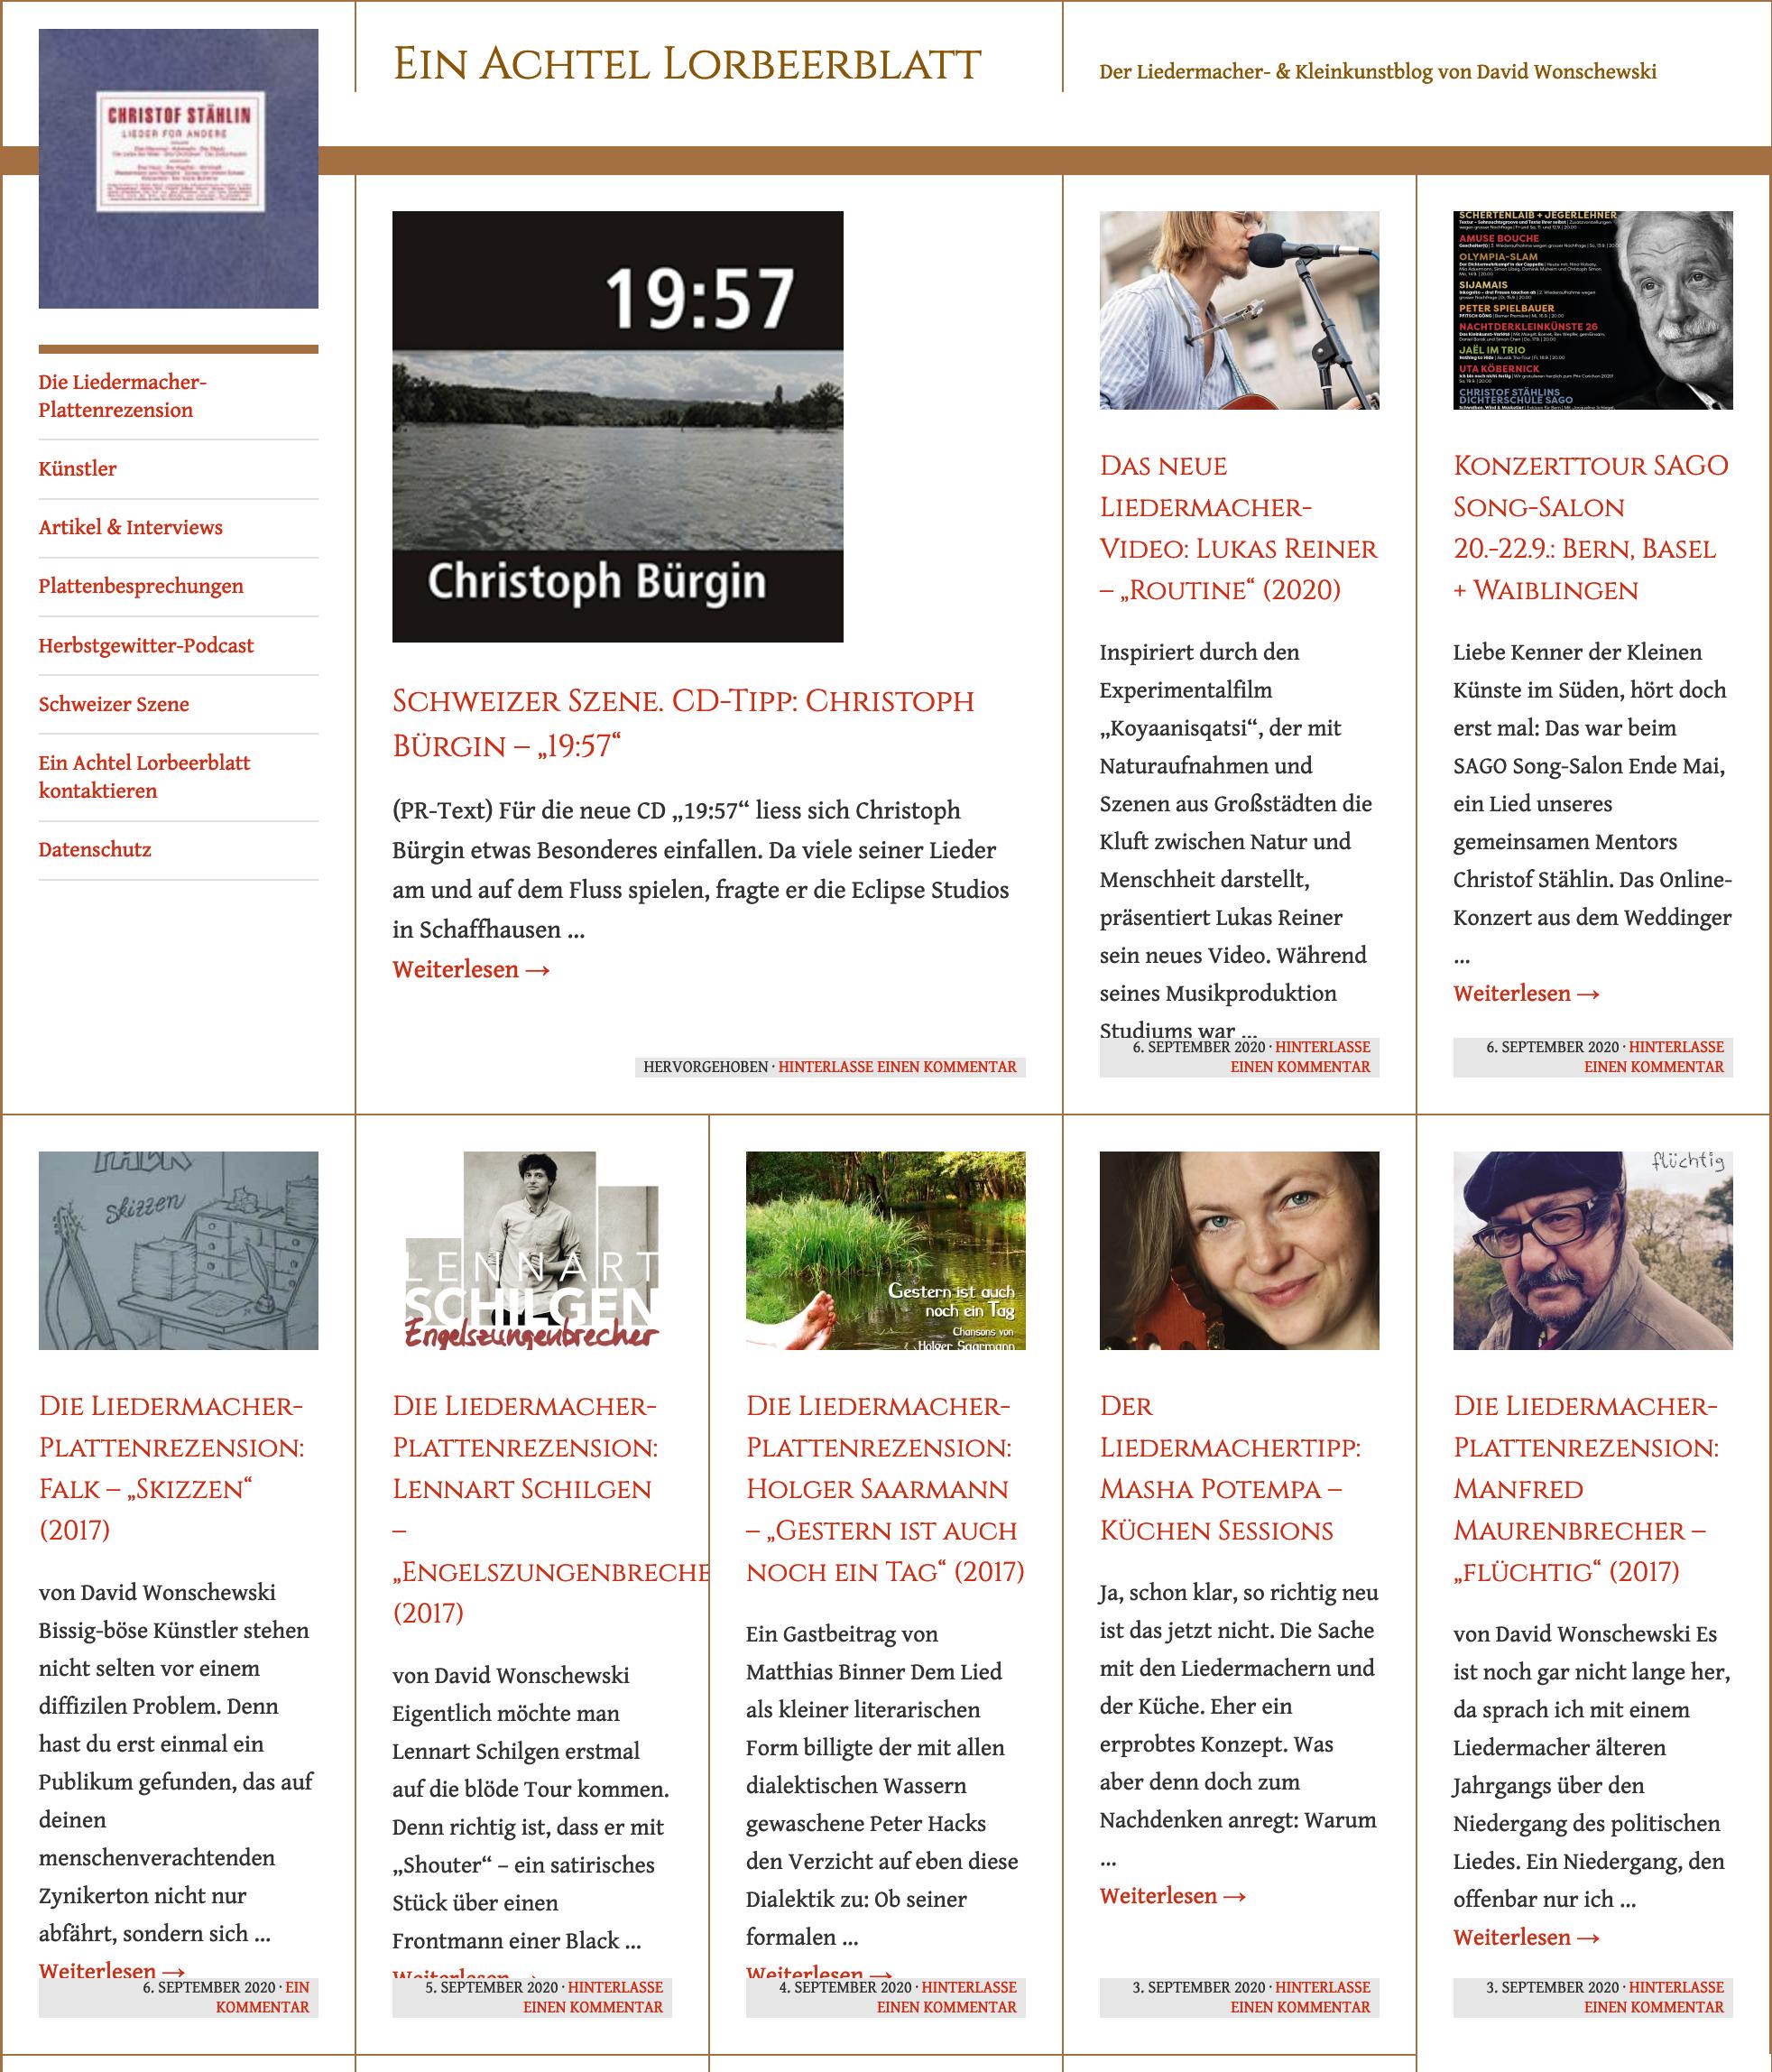 Der Liedermacher- & Kleinkunstblog von David Wonschewski